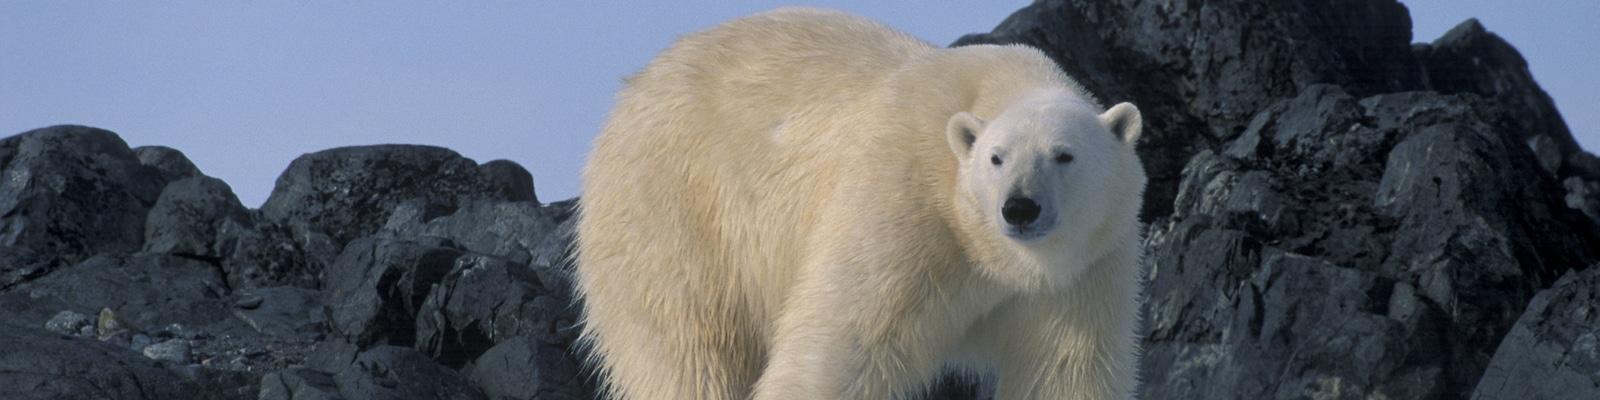 en cas de rencontre avec un ours